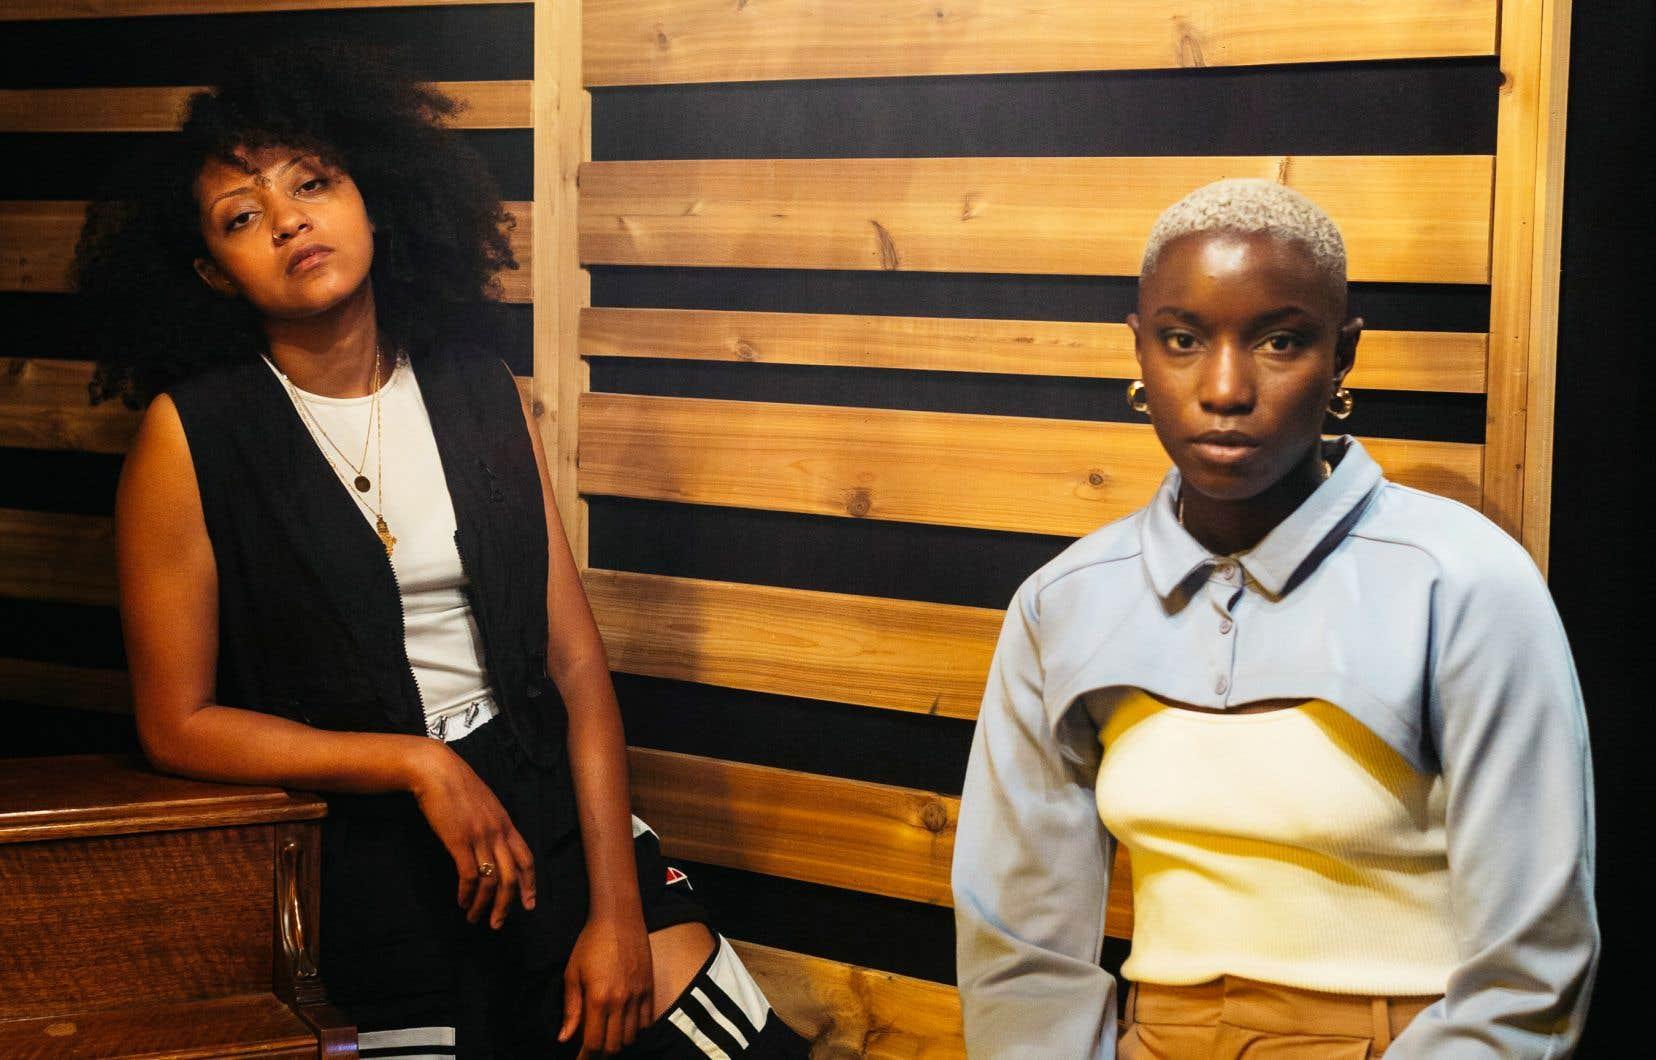 Les albums des rappeuses Naya Ali (à gauche) et Sarahmée témoignent du parcours de musiciennes arrivées à maturité sur les plans du texte, de la réflexion, du message et de la production.